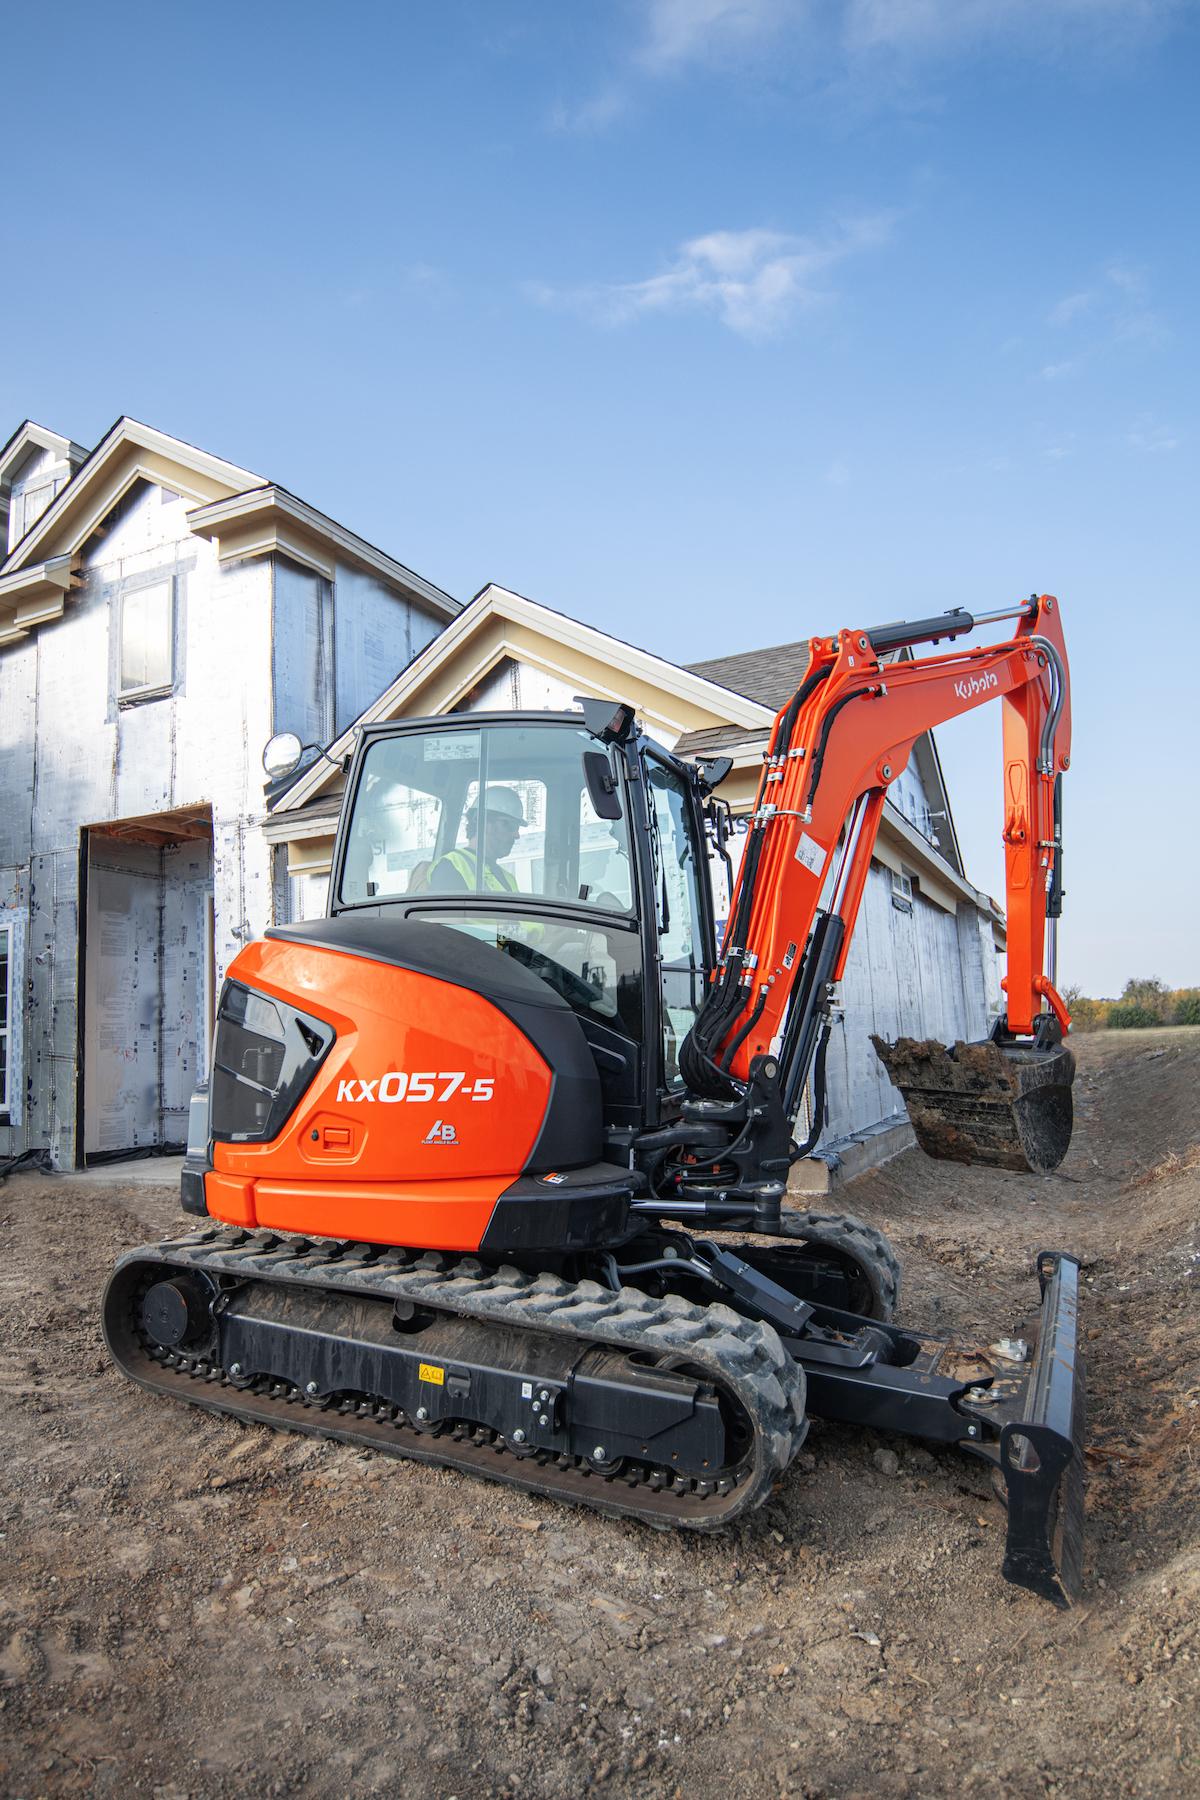 Kubota Introduces Next Gen Compact Excavators to Kick Off 2021 Releases